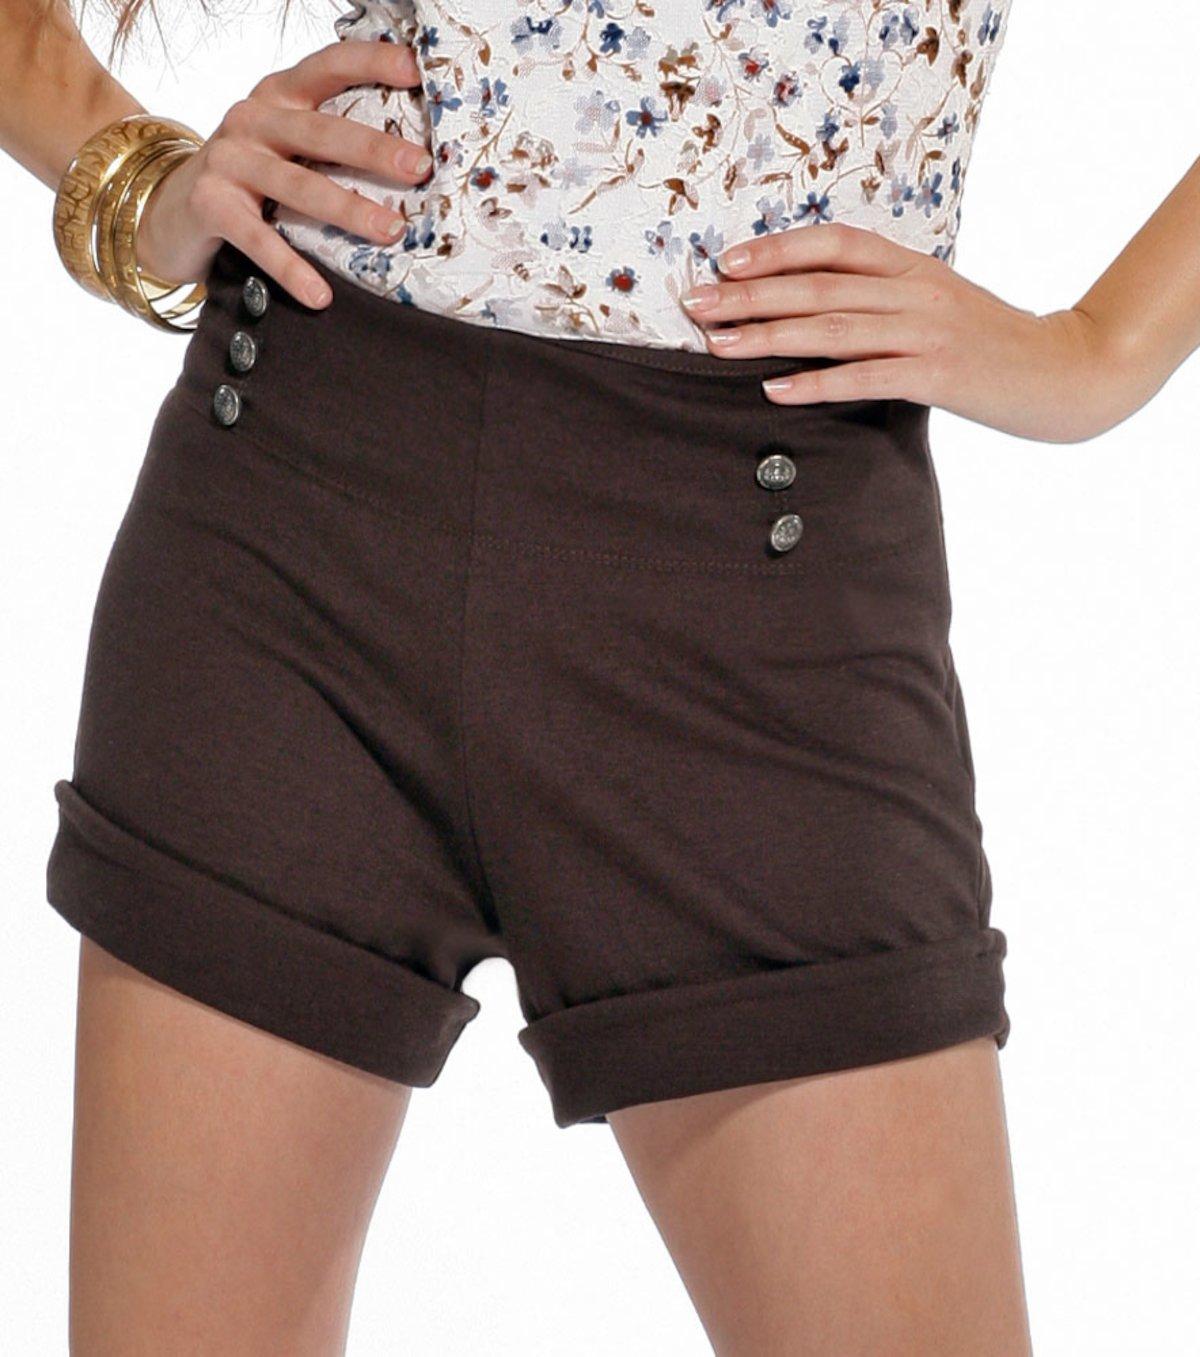 Pantalón short mujer de punto con botones - Marrón